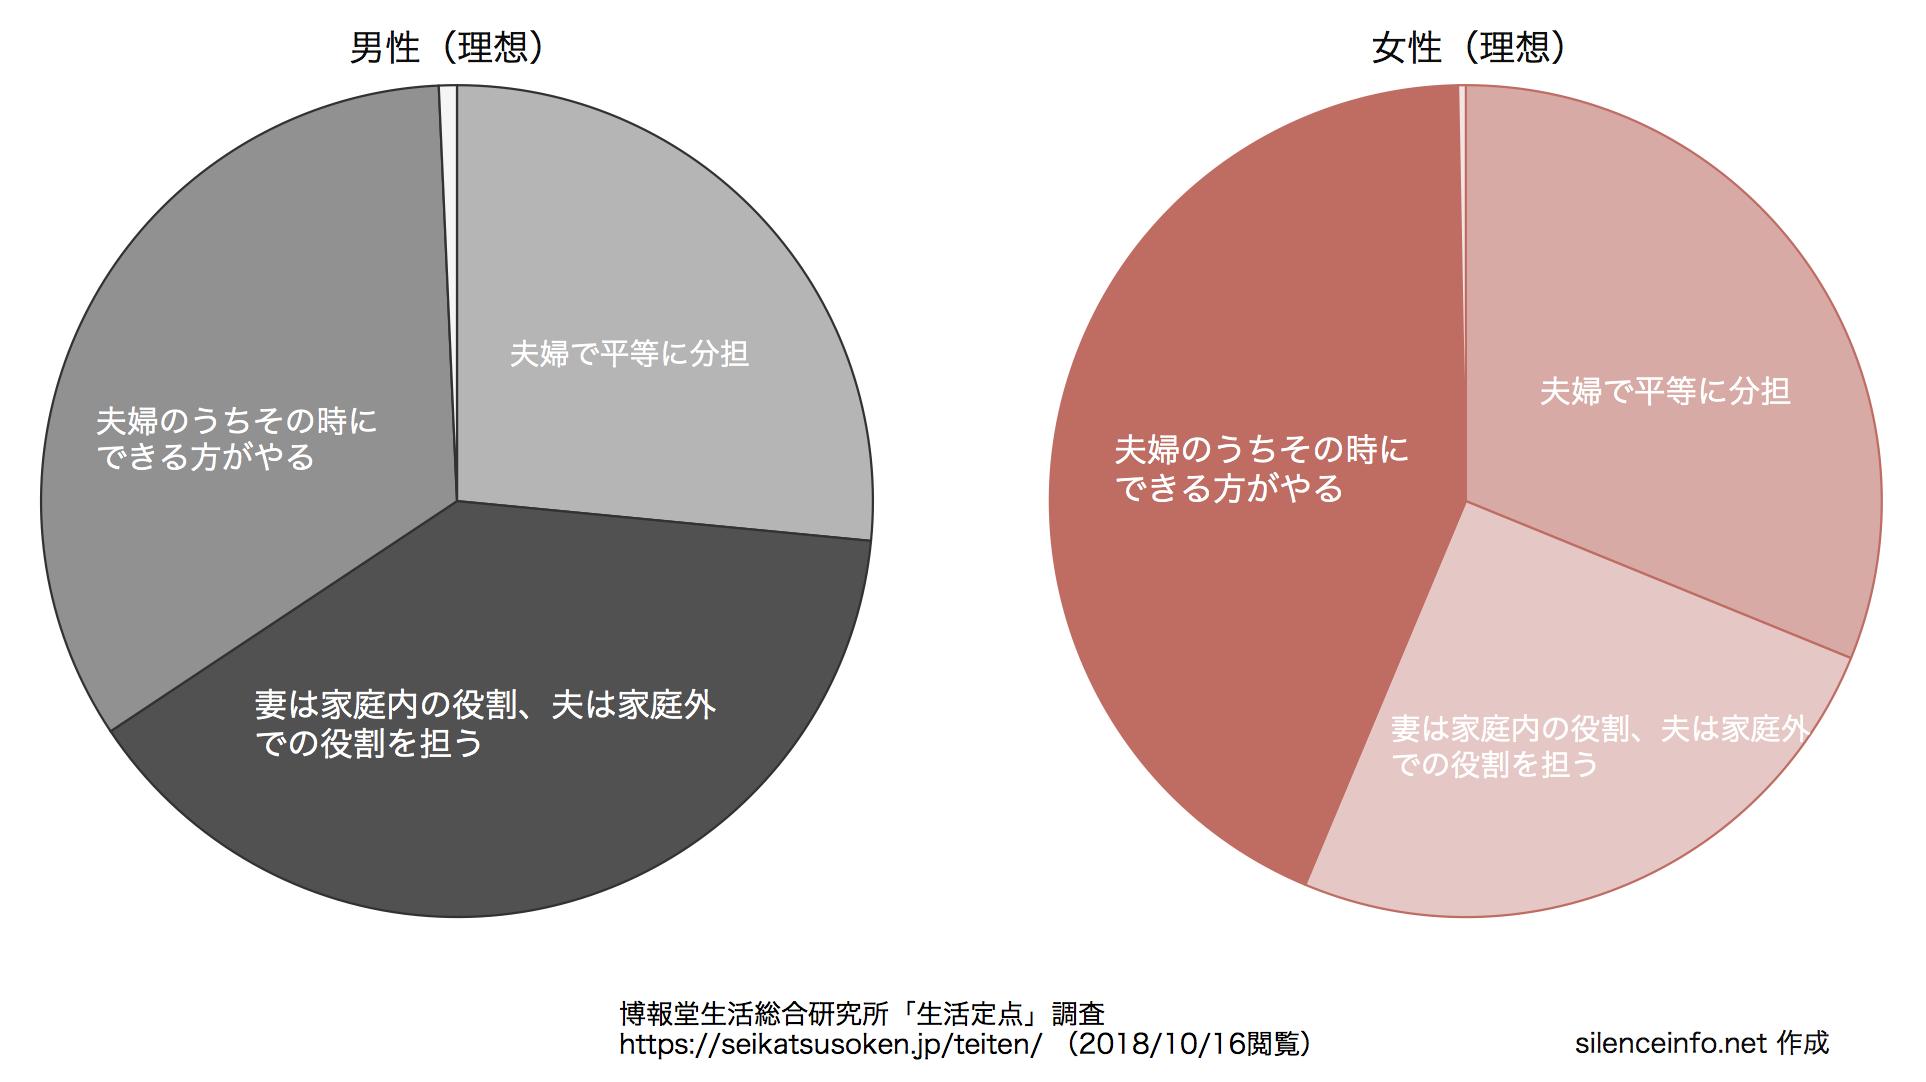 生活定点データで男女別に夫婦の役割分担の理想を比較した円グラフ